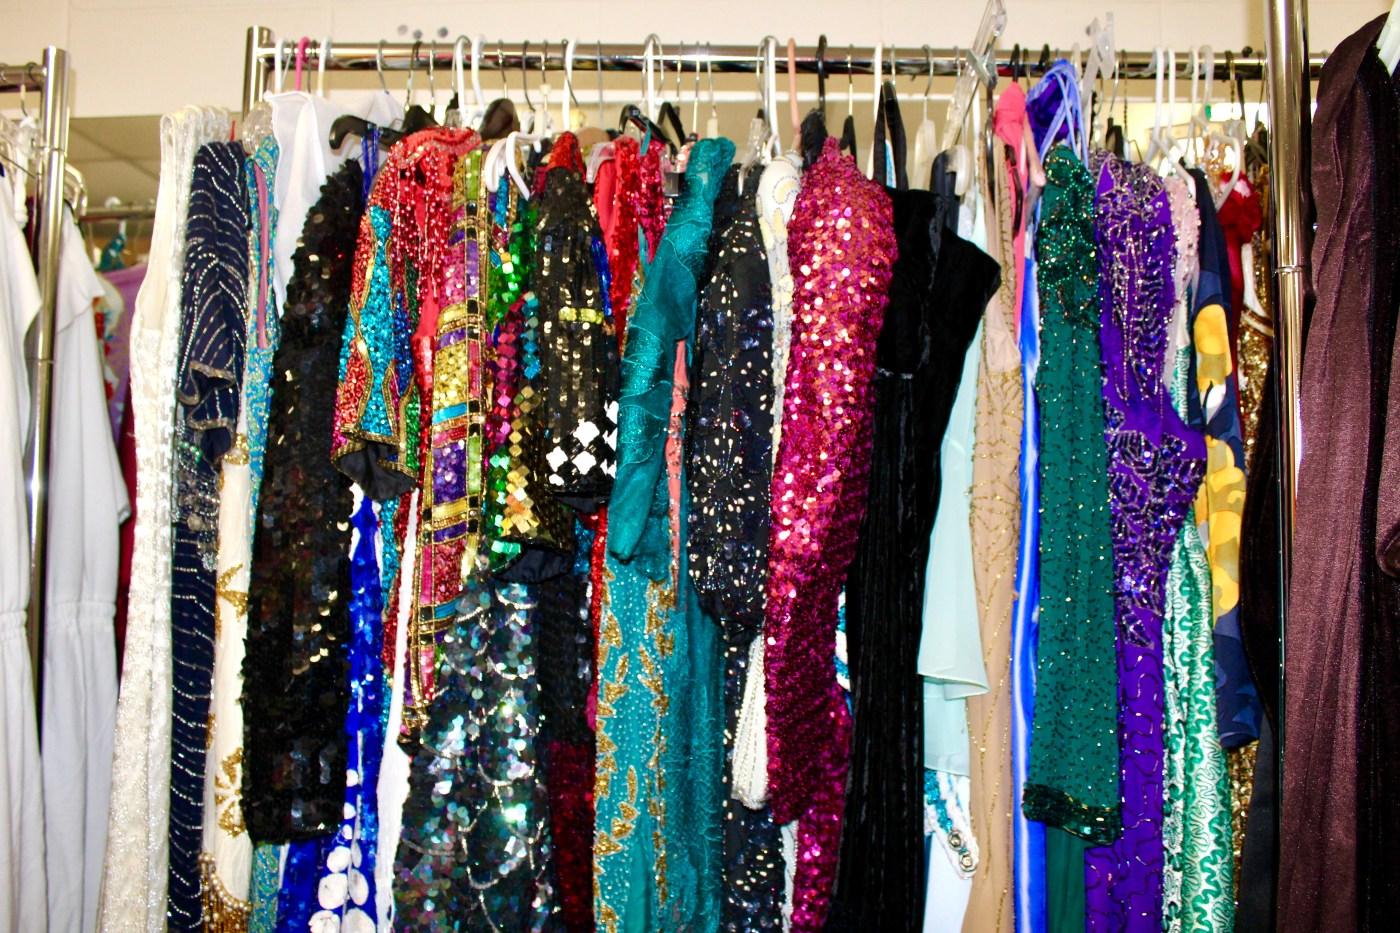 Birmingham costume designers